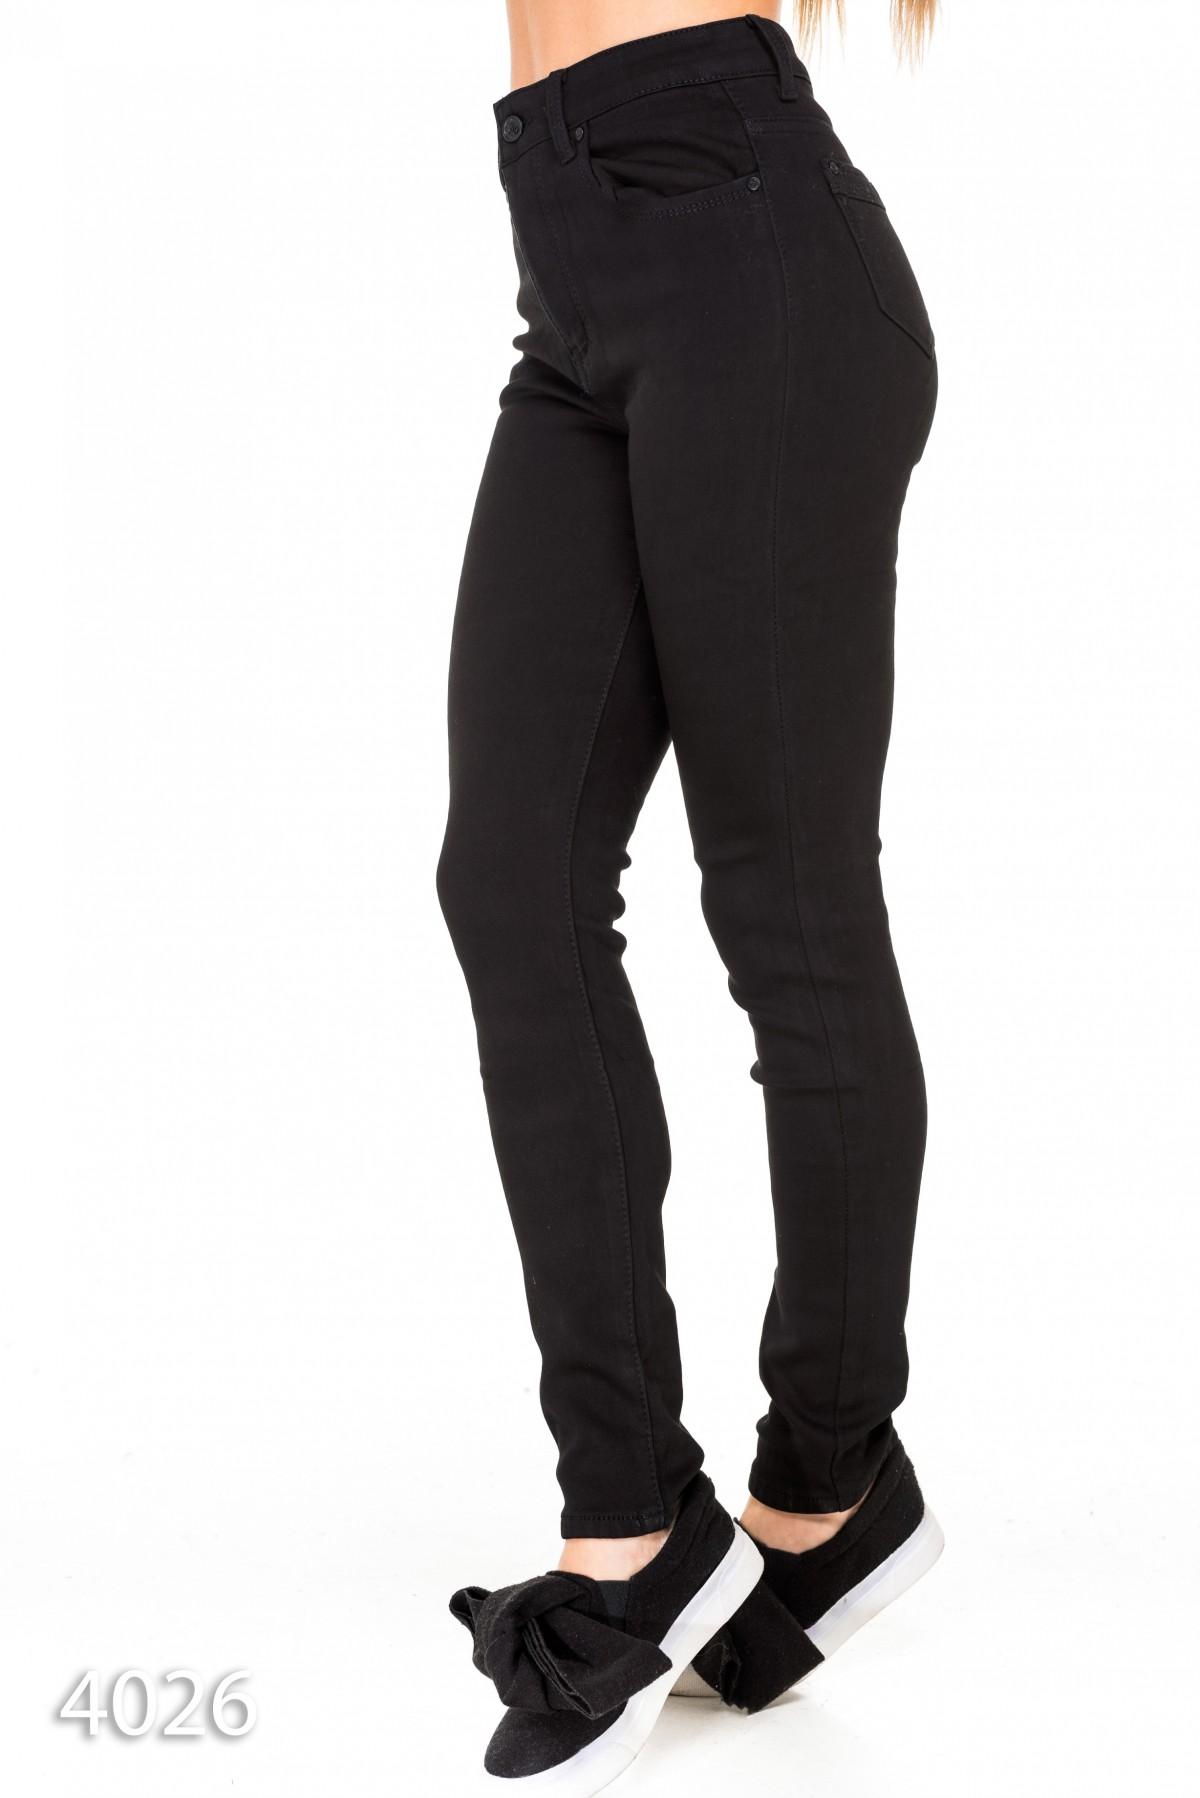 8c6fde1e171 ... Черные узкие утепленные джинсы с высокой талией  560 грн. фото 3 ...